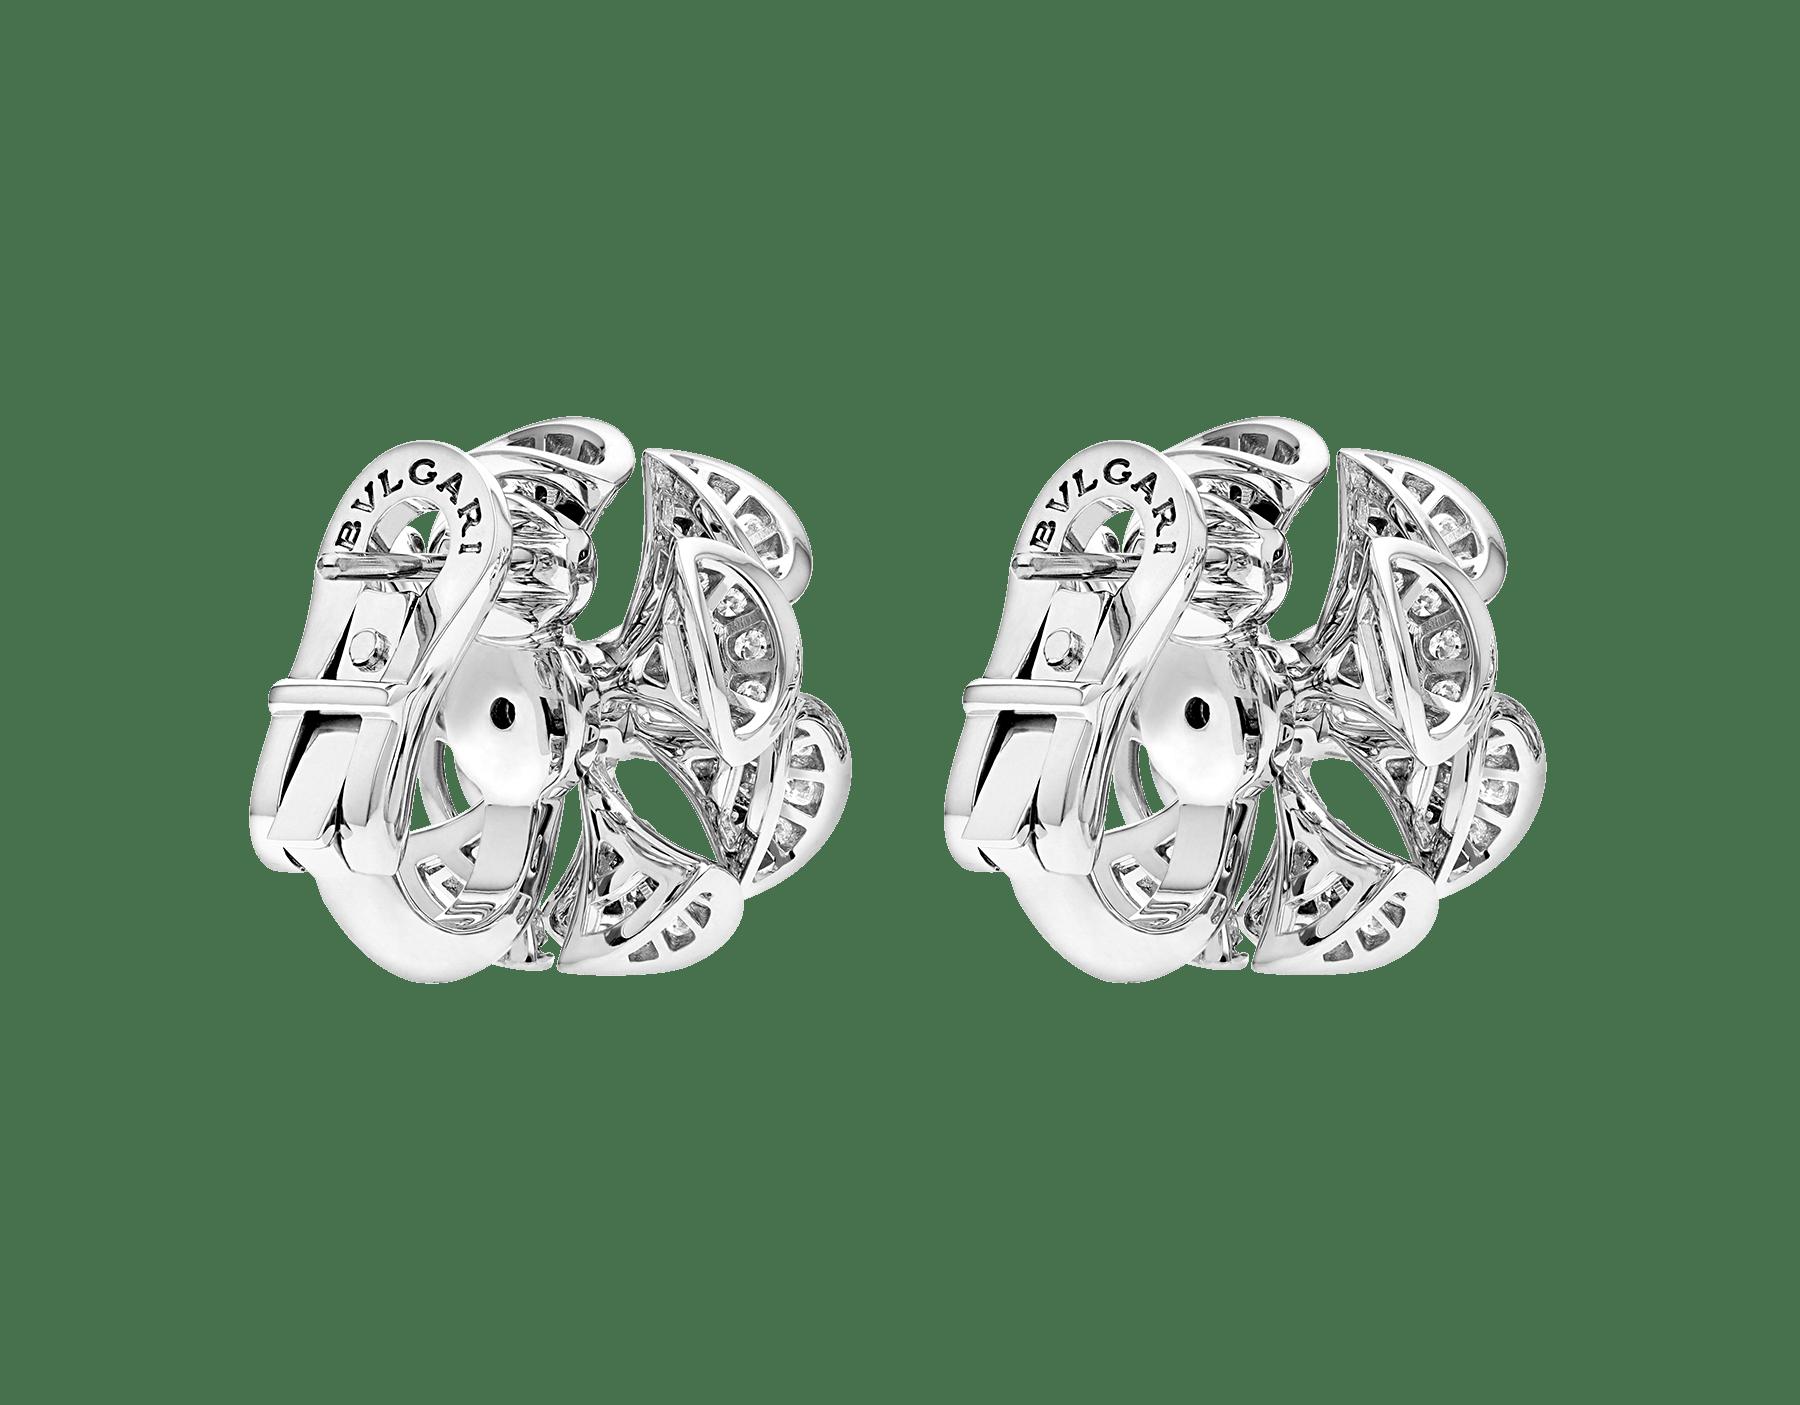 디바스 드림 이어링. 18kt 화이트 골드 소재에 다이아몬드 세팅 350785 image 3